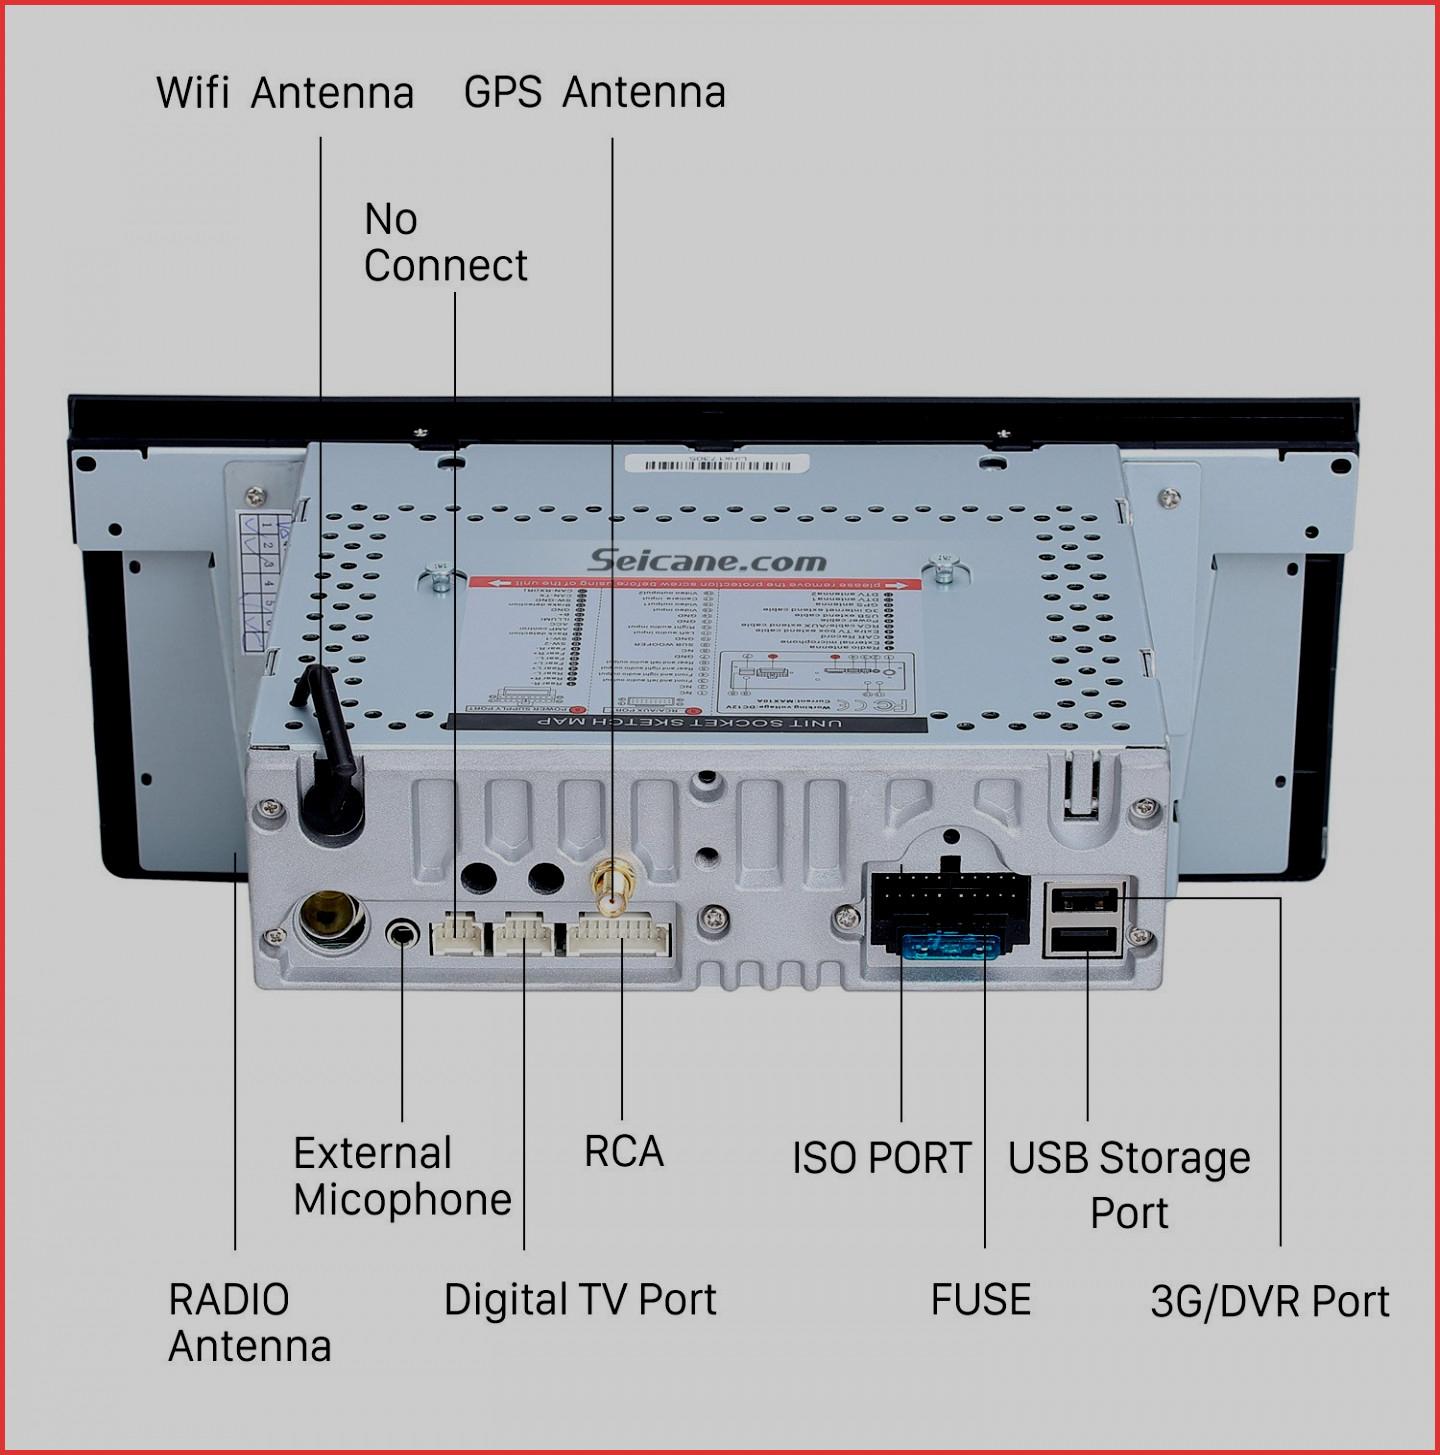 Whelen Edge 9000 Wiring Diagram - Ecourbano-Server - Whelen Edge 9000 Wiring Diagram